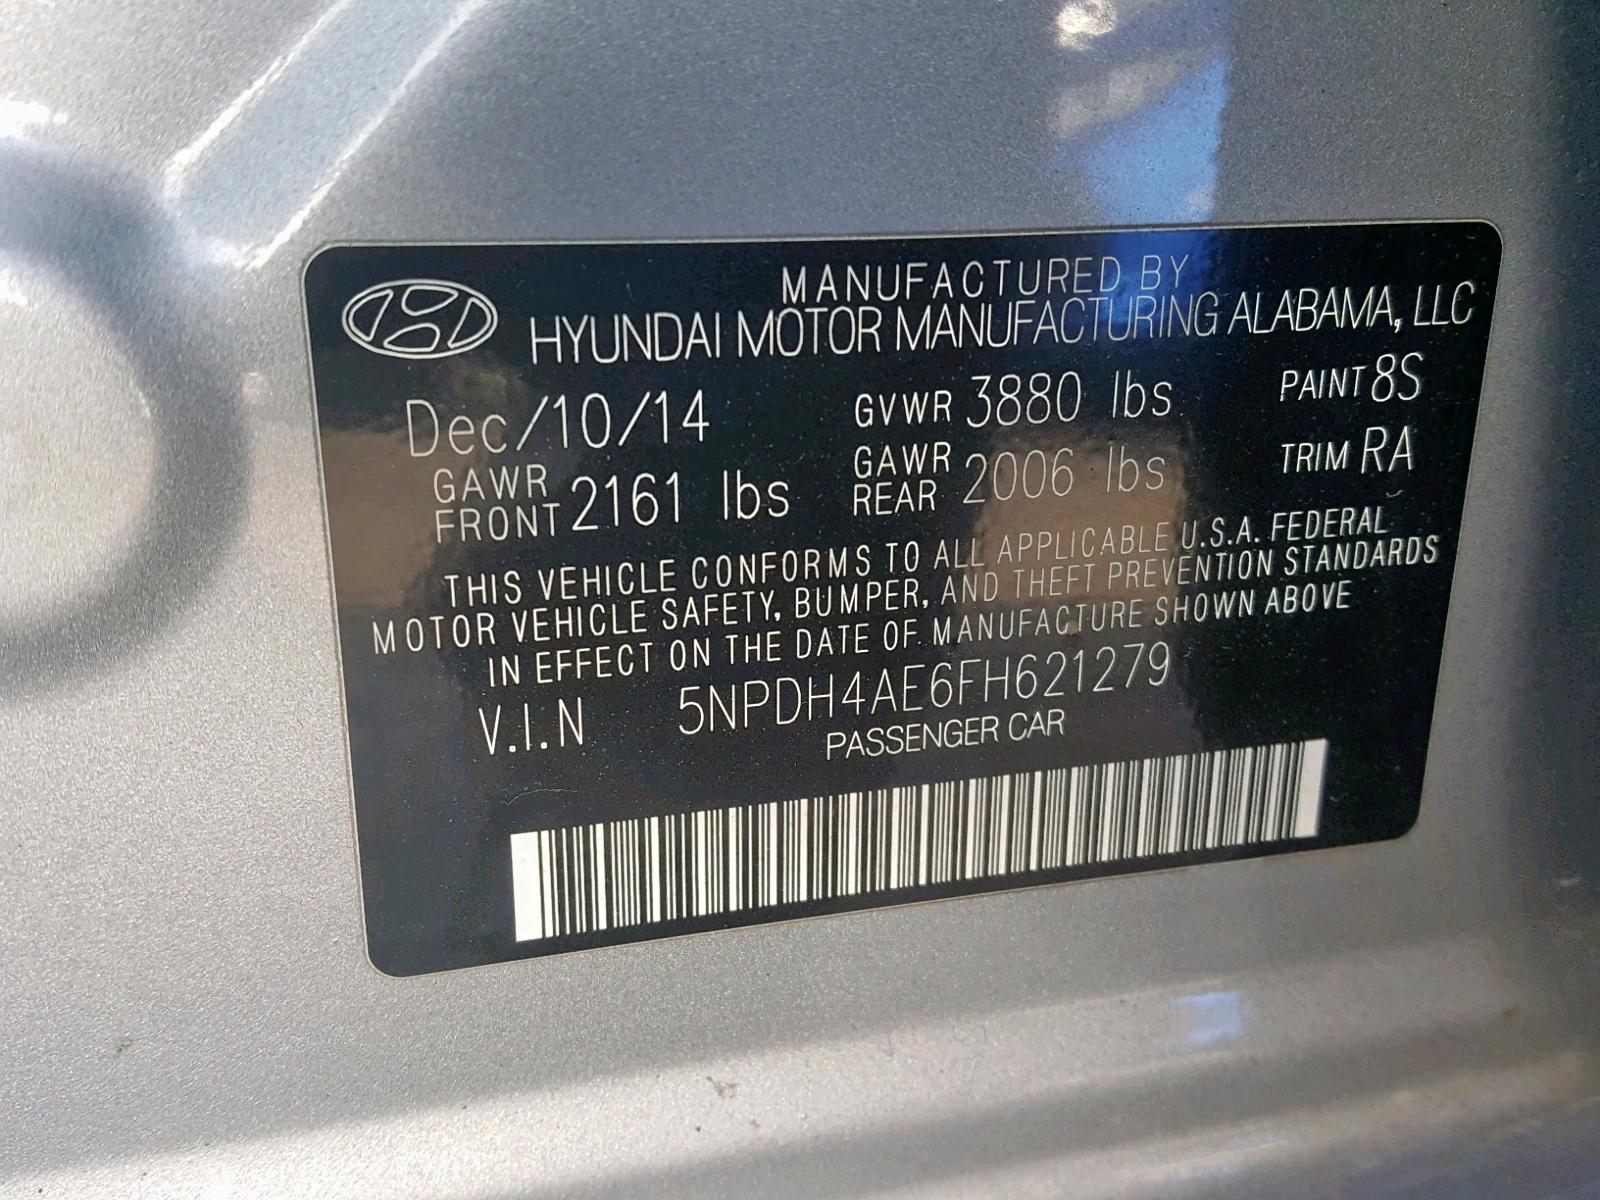 2015 Hyundai Elantra Se 1.8L